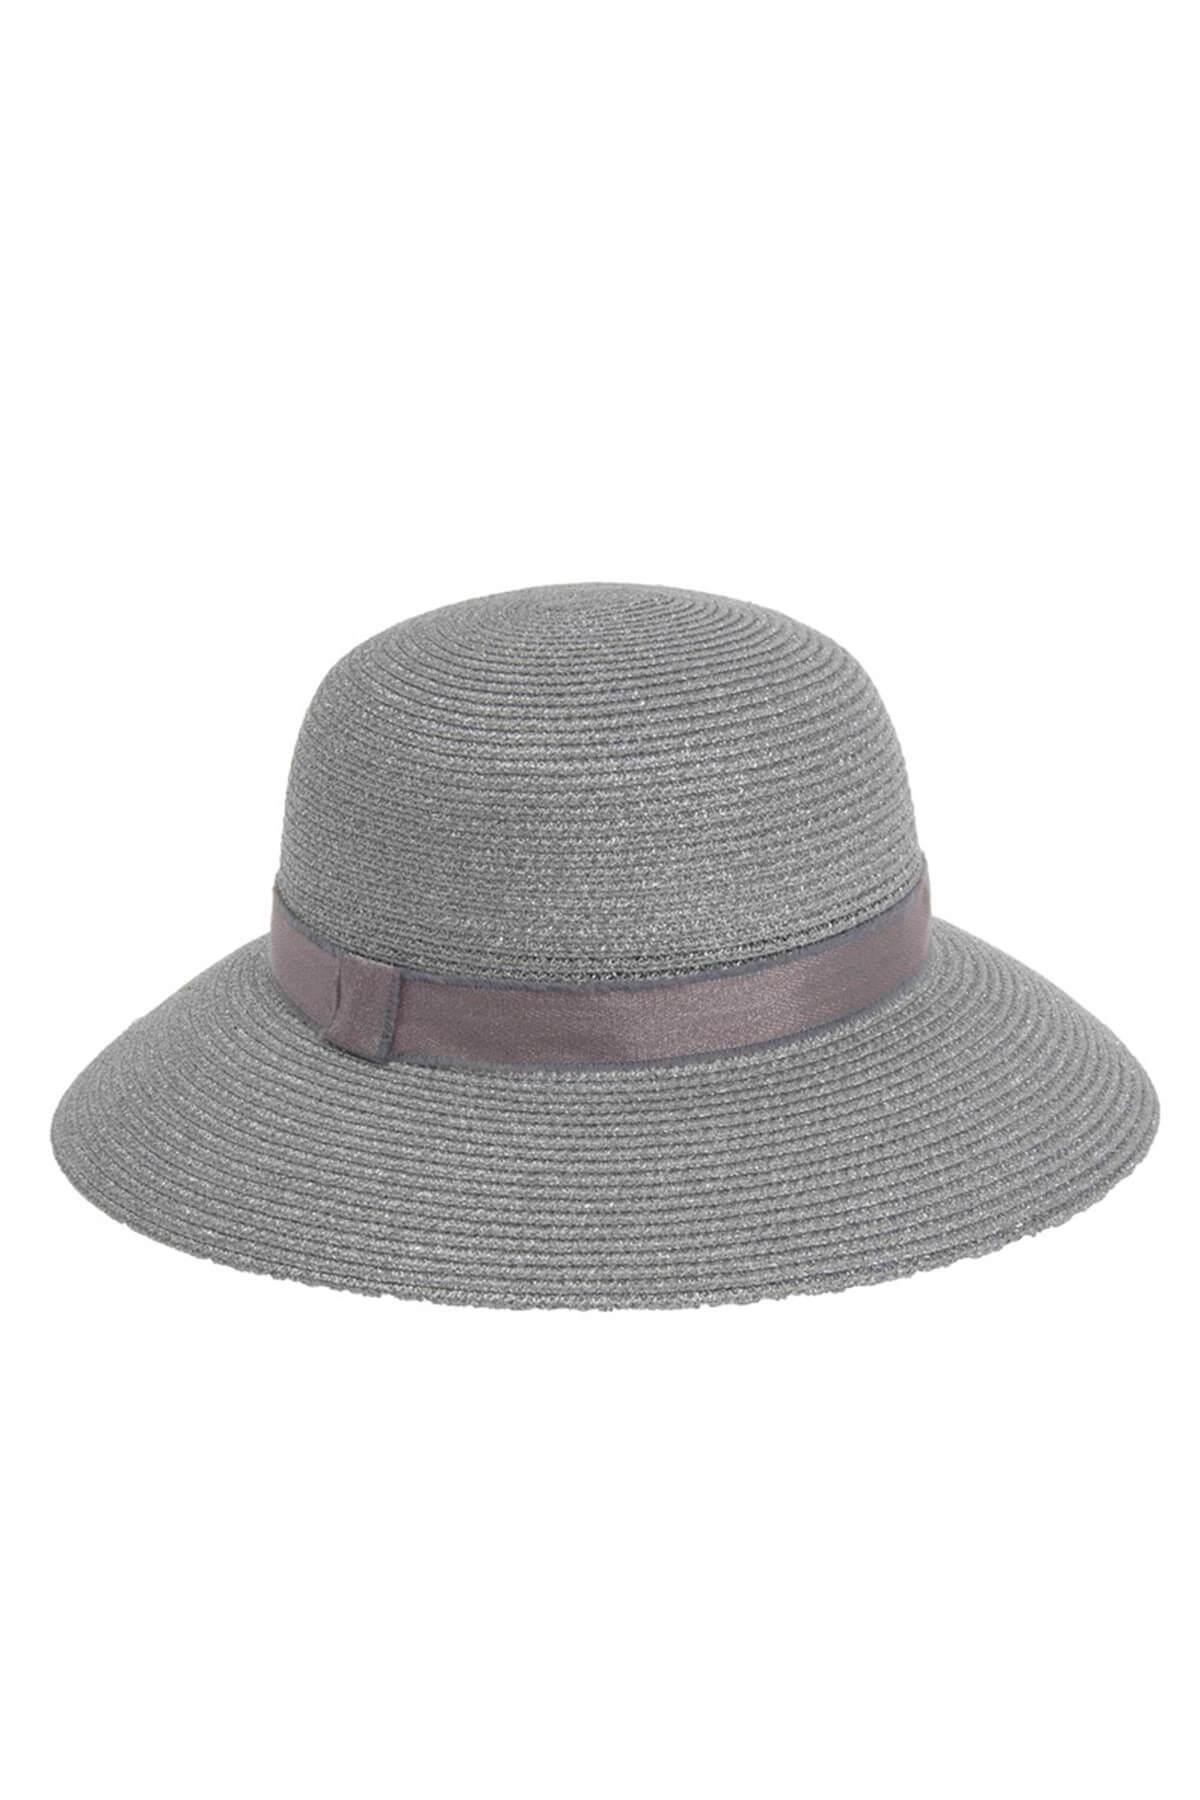 Bay Şapkacı Kadın Şapka 1